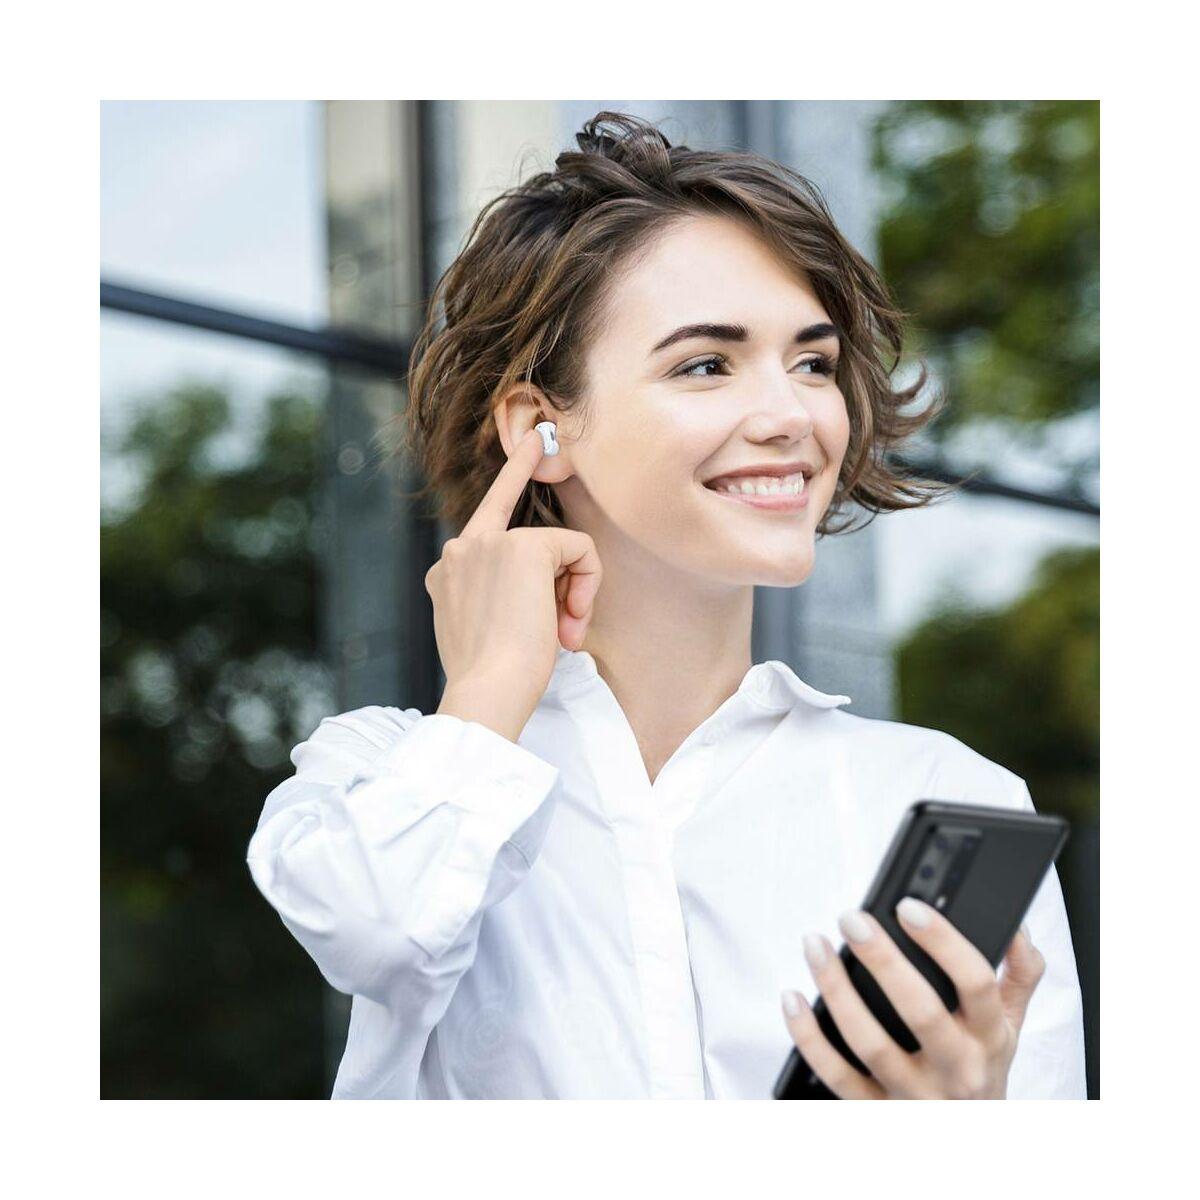 Baseus fülhallgató, Bluetooth Encok WM01 True Wireless, vezeték nélküli, BT 5.0, fehér (NGWM01-02)